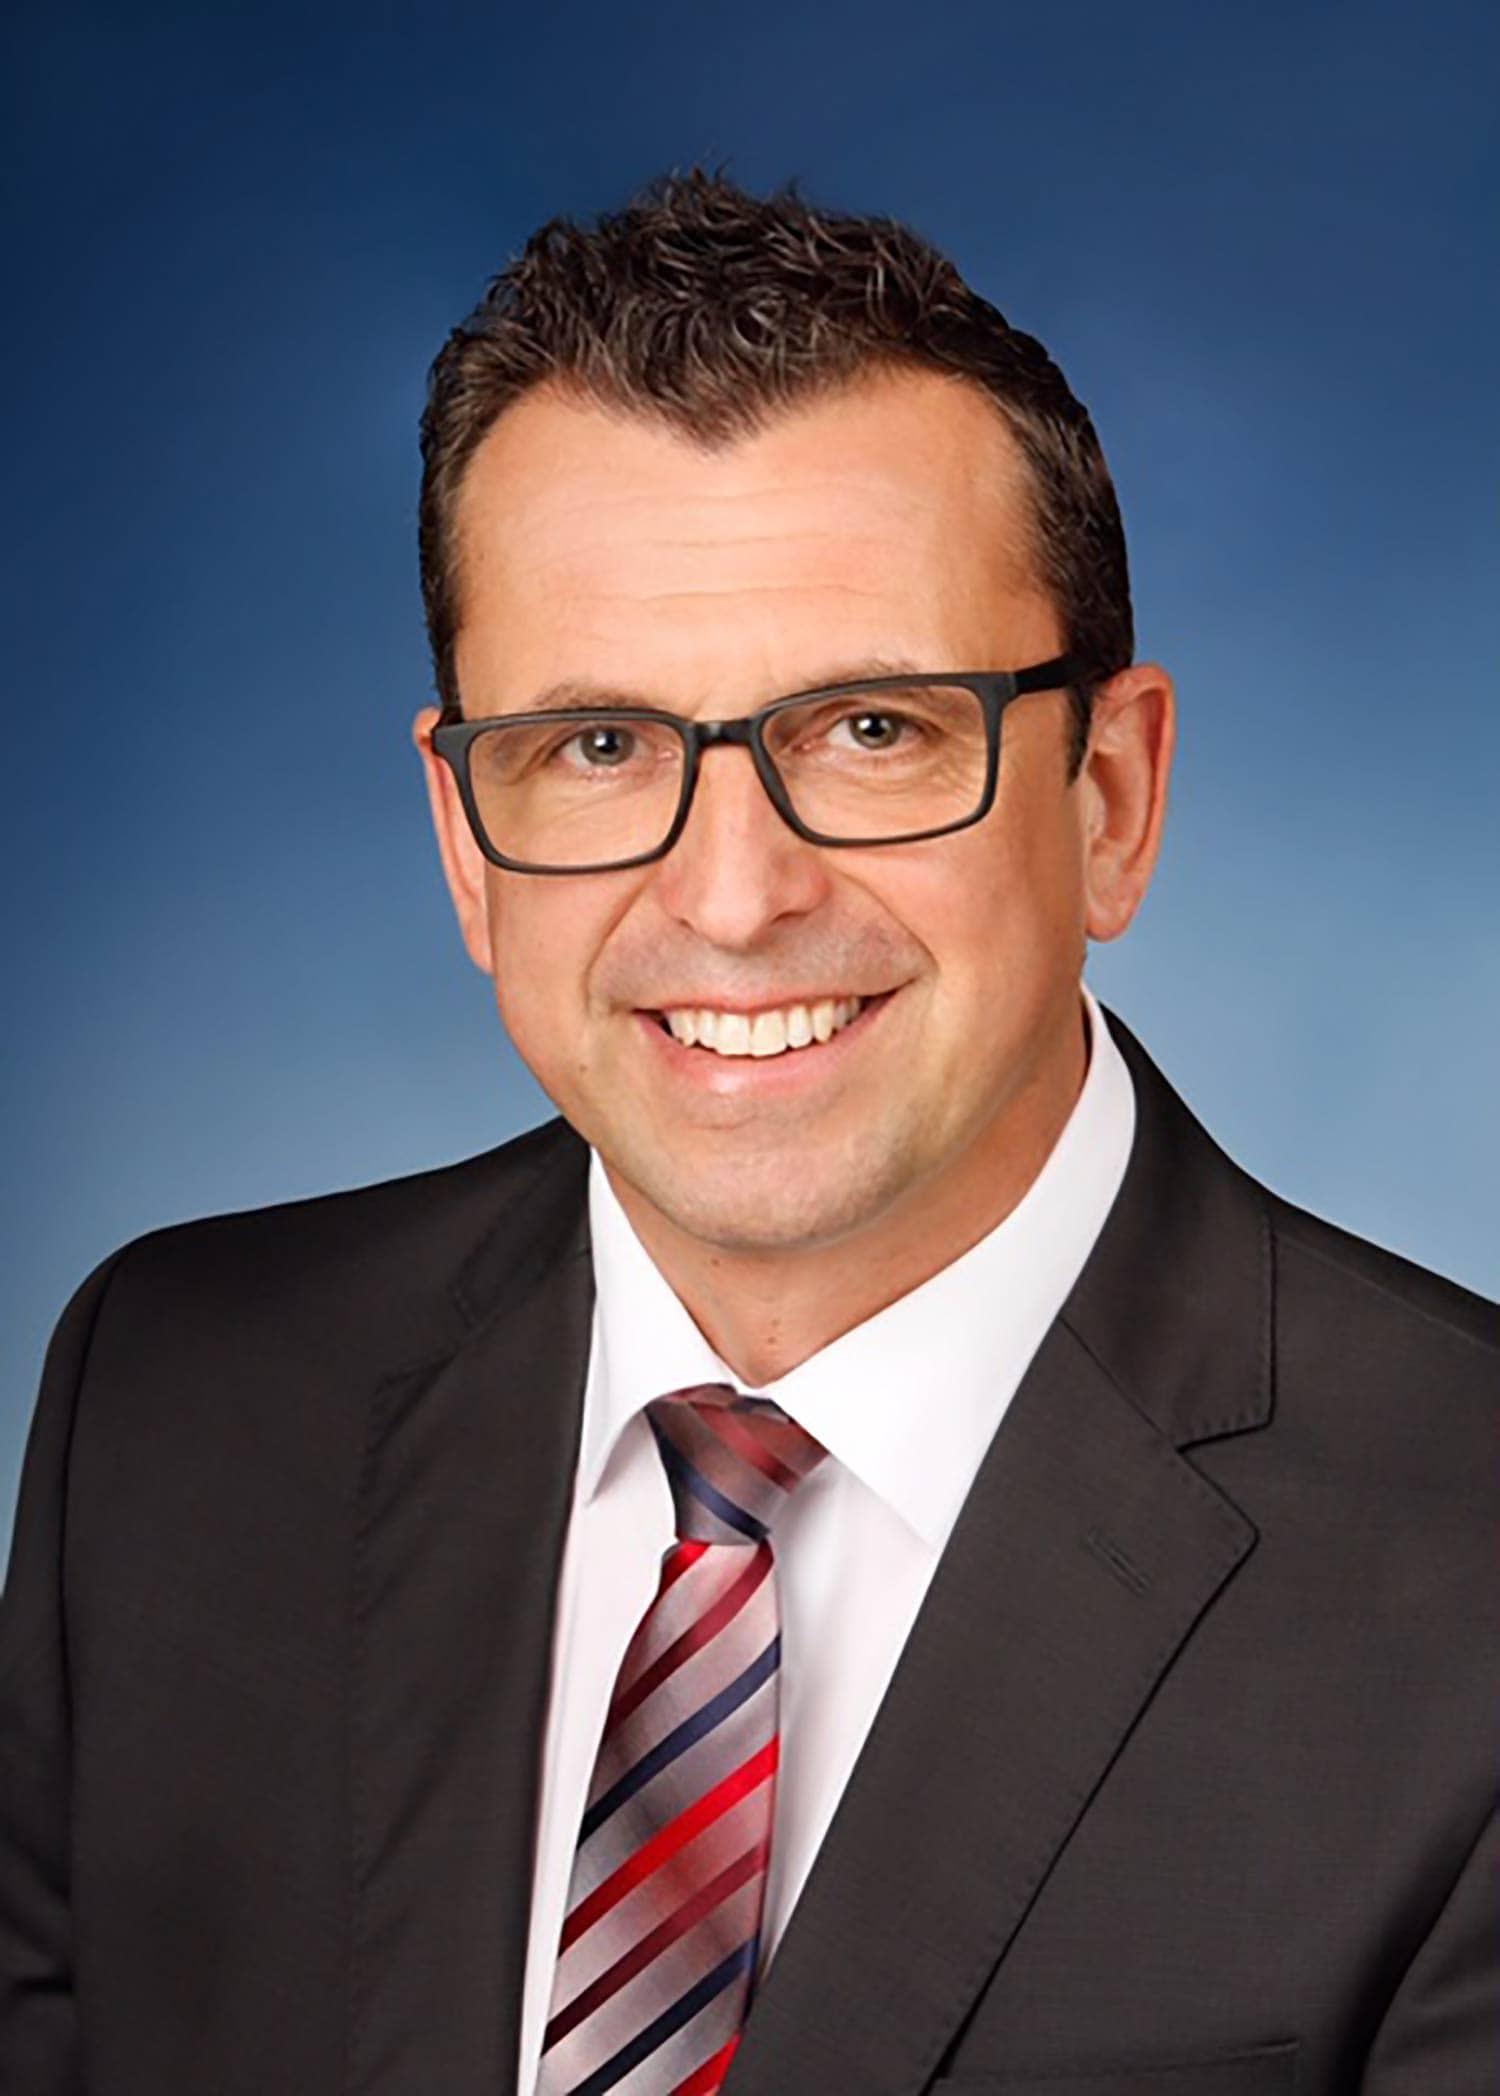 In Köfering wurde der amtierende Bürgermeister Armin Dirschl (Bürgerliste Köfering-Egglfing) mit 87,91 Prozent wiedergewählt. Er trat gegen Susanne Leikam (Bündnis 90/Die Grünen) an. Die Wahlbeteiligung lag bei 56,57 Prozent.